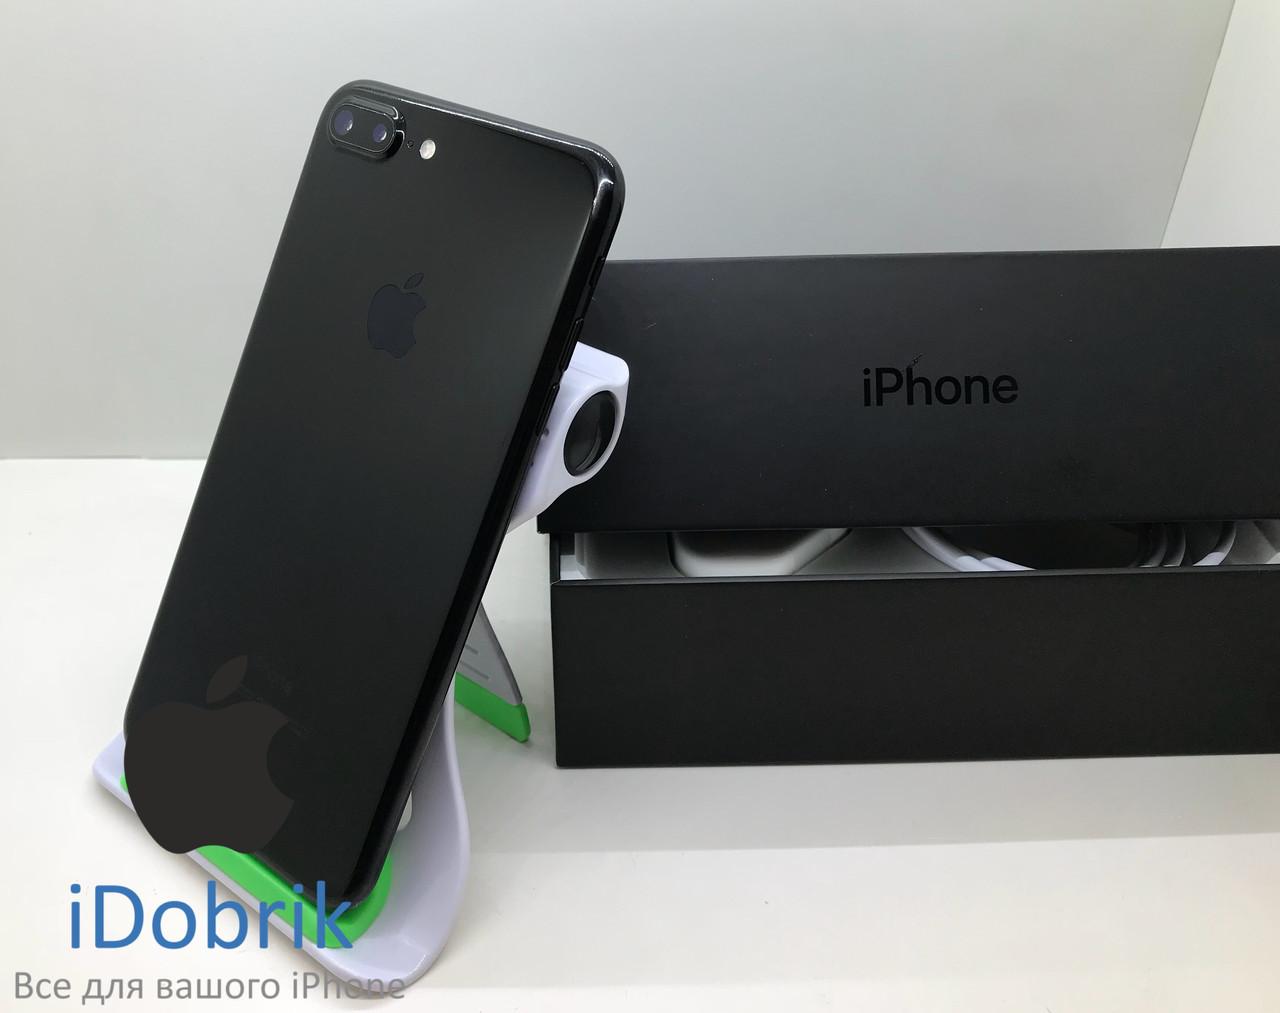 Телефон Apple iPhone 7 Plus 256gb Jet Black  Neverlock 10/10